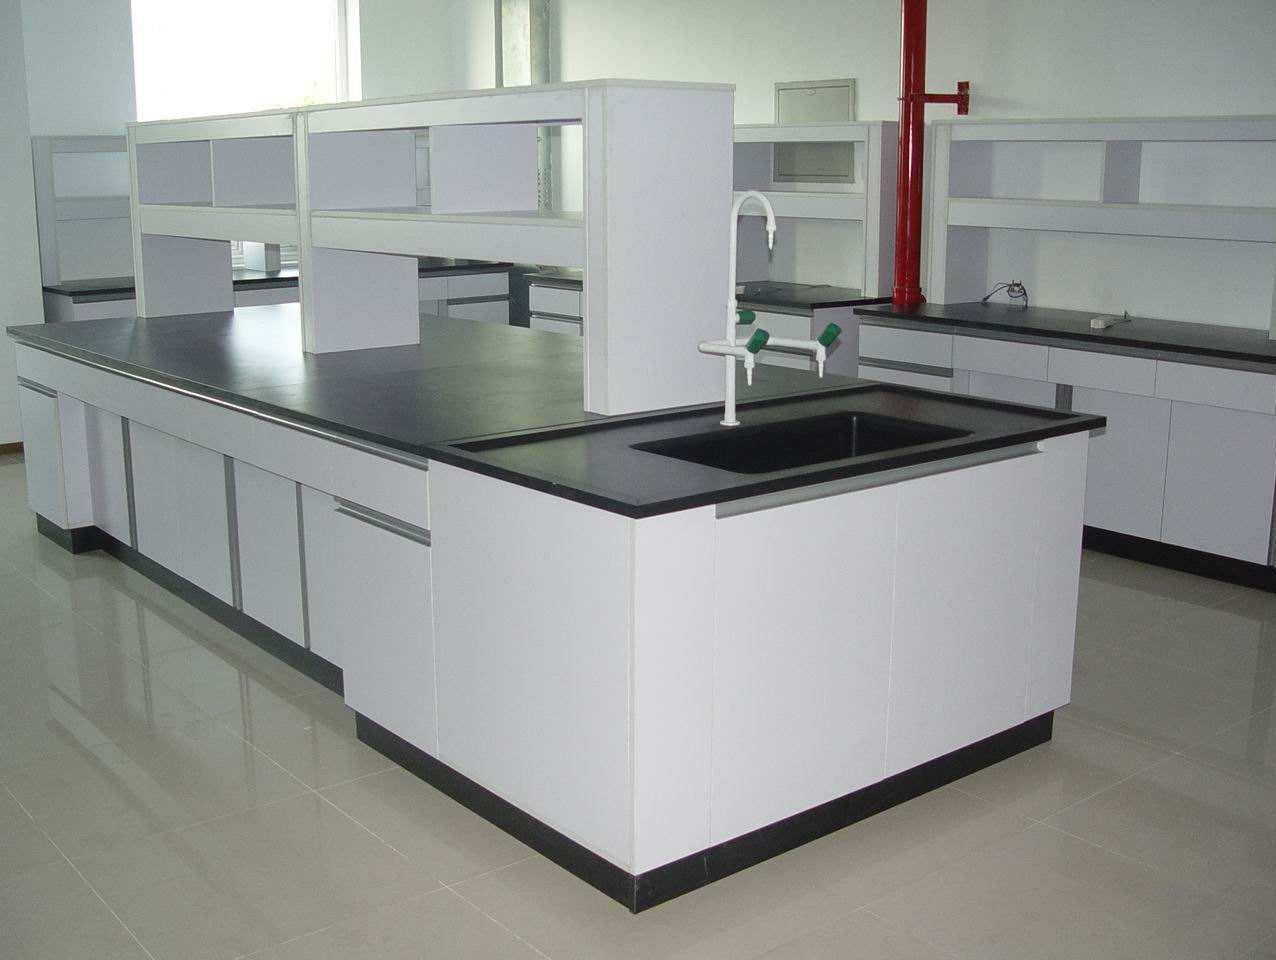 实验室台柜换台面注意事项